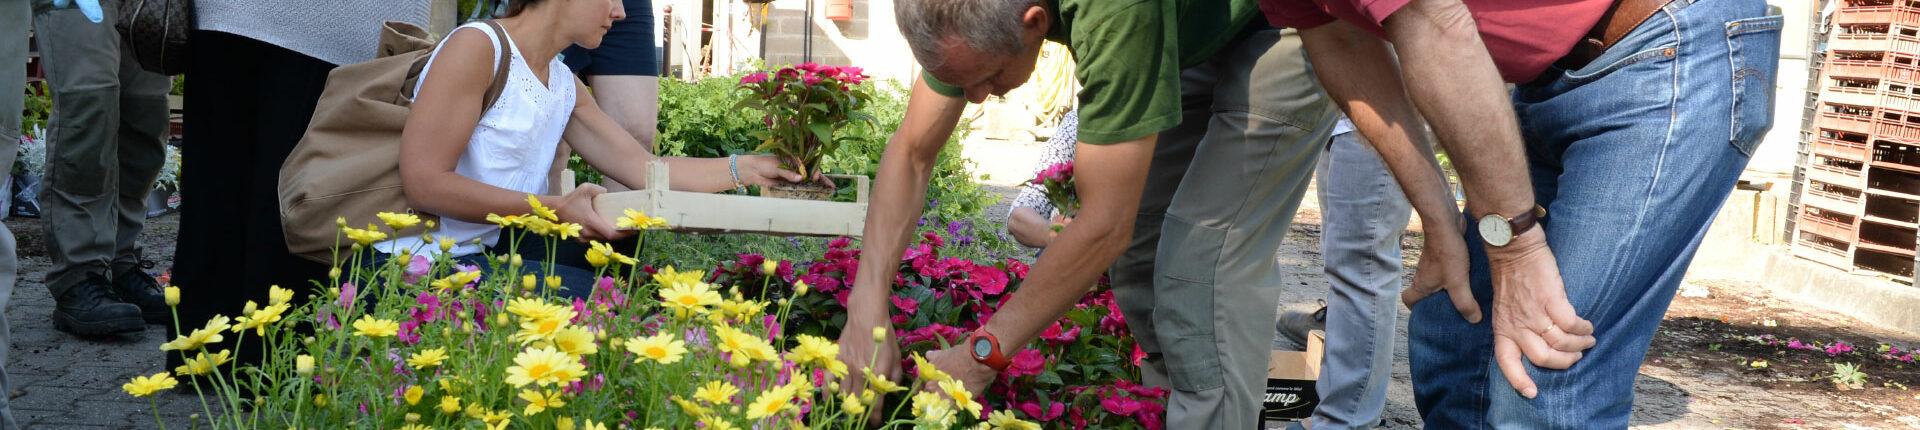 Vente de plantes aux serres municipales